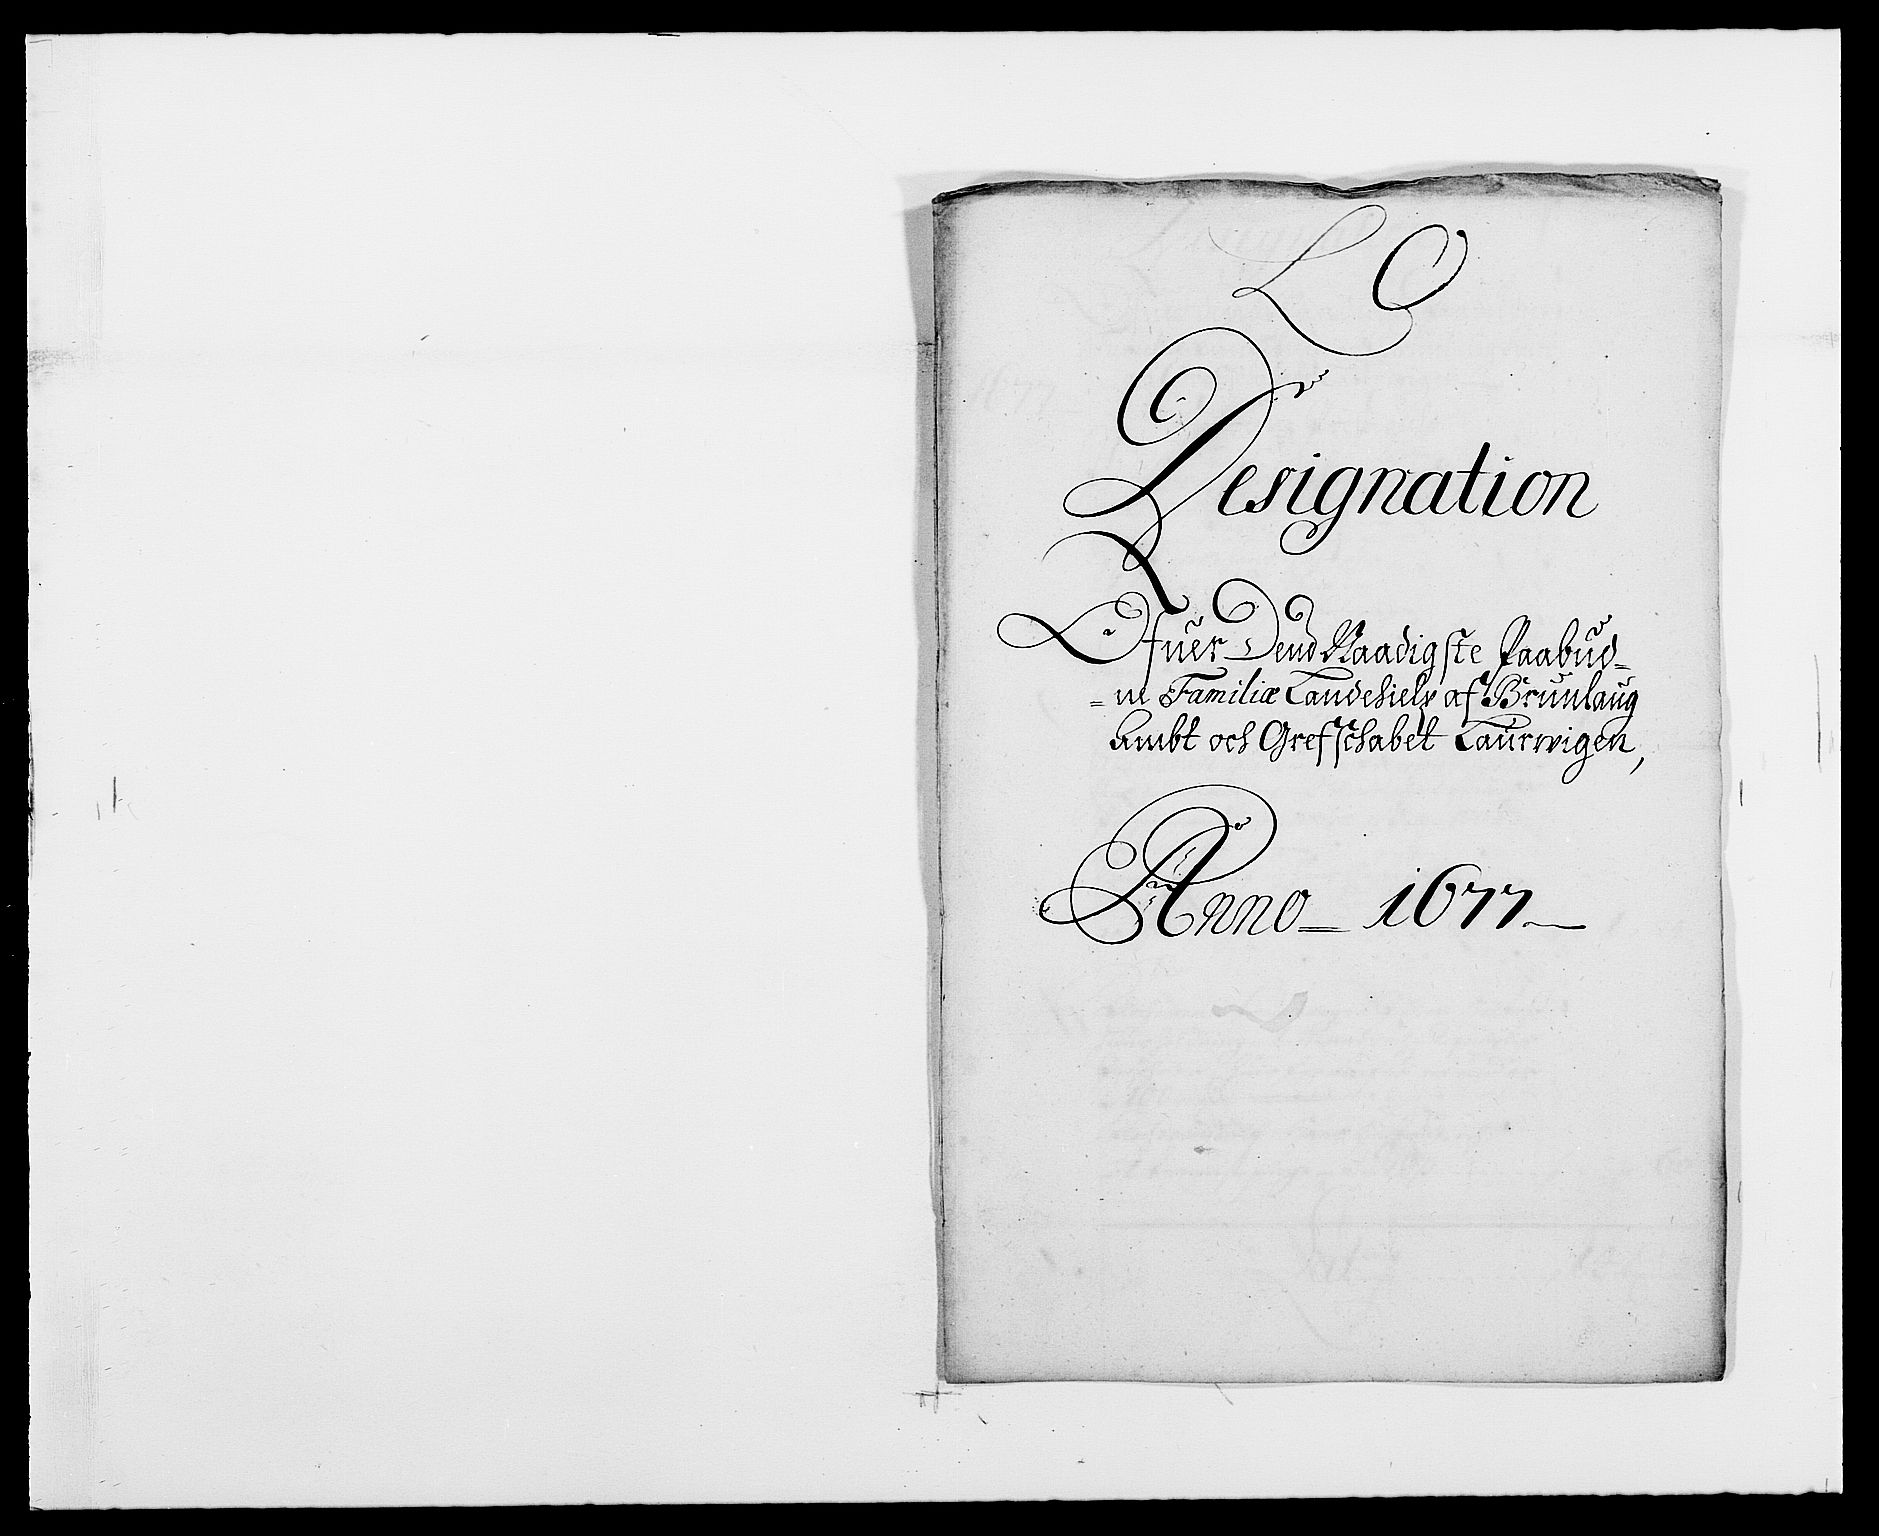 RA, Rentekammeret inntil 1814, Reviderte regnskaper, Fogderegnskap, R33/L1968: Fogderegnskap Larvik grevskap, 1675-1687, s. 111